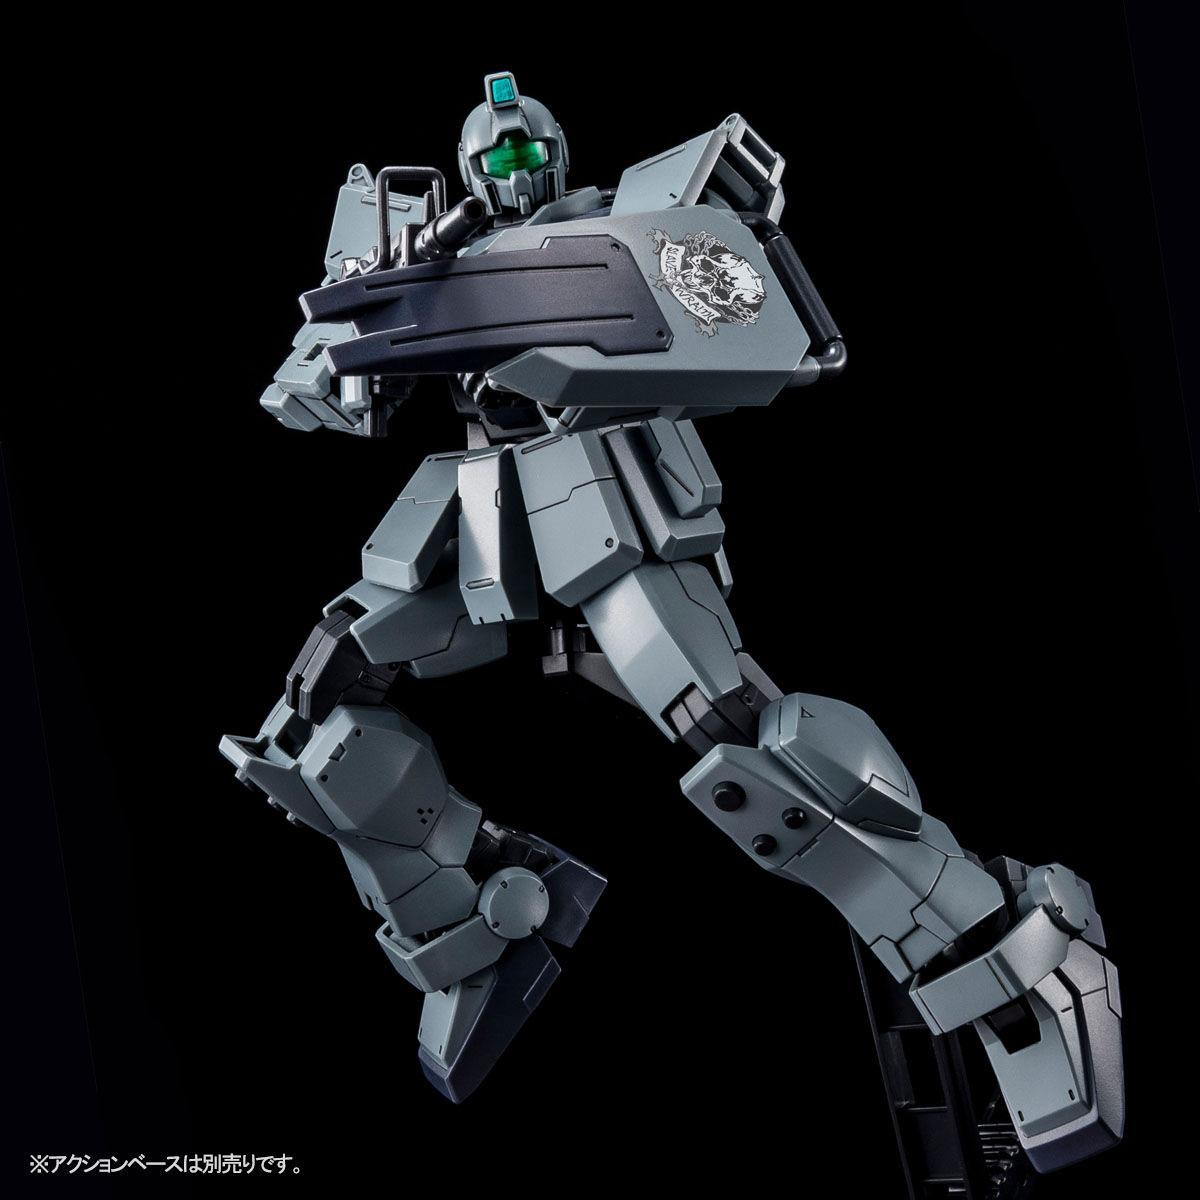 【限定販売】HG 1/144『陸戦型ジム(スレイヴ・レイス隊仕様)(パラシュート・パック仕様)』プラモデル-004